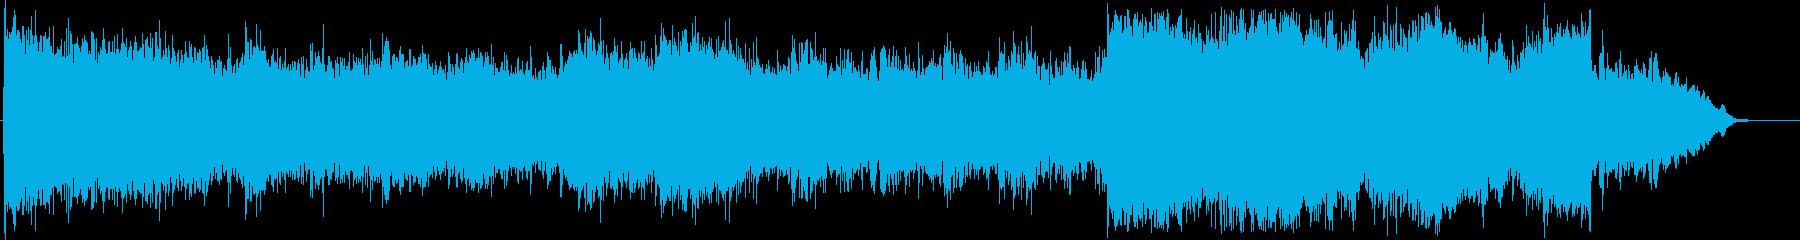 スタイリッシュな近未来的シンセポップの再生済みの波形